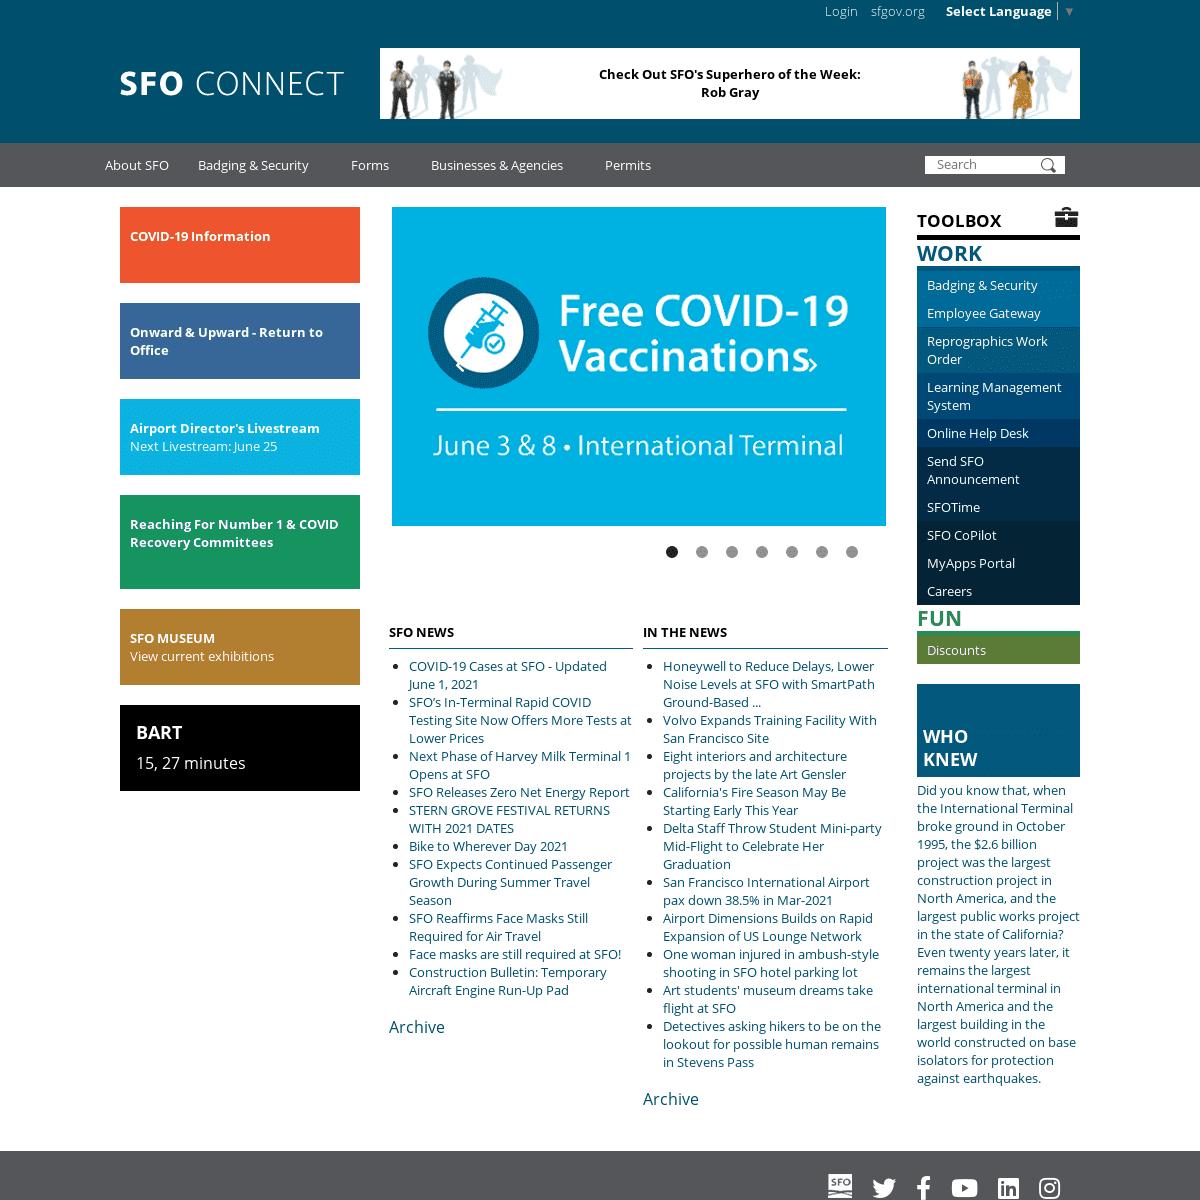 SFO Connect